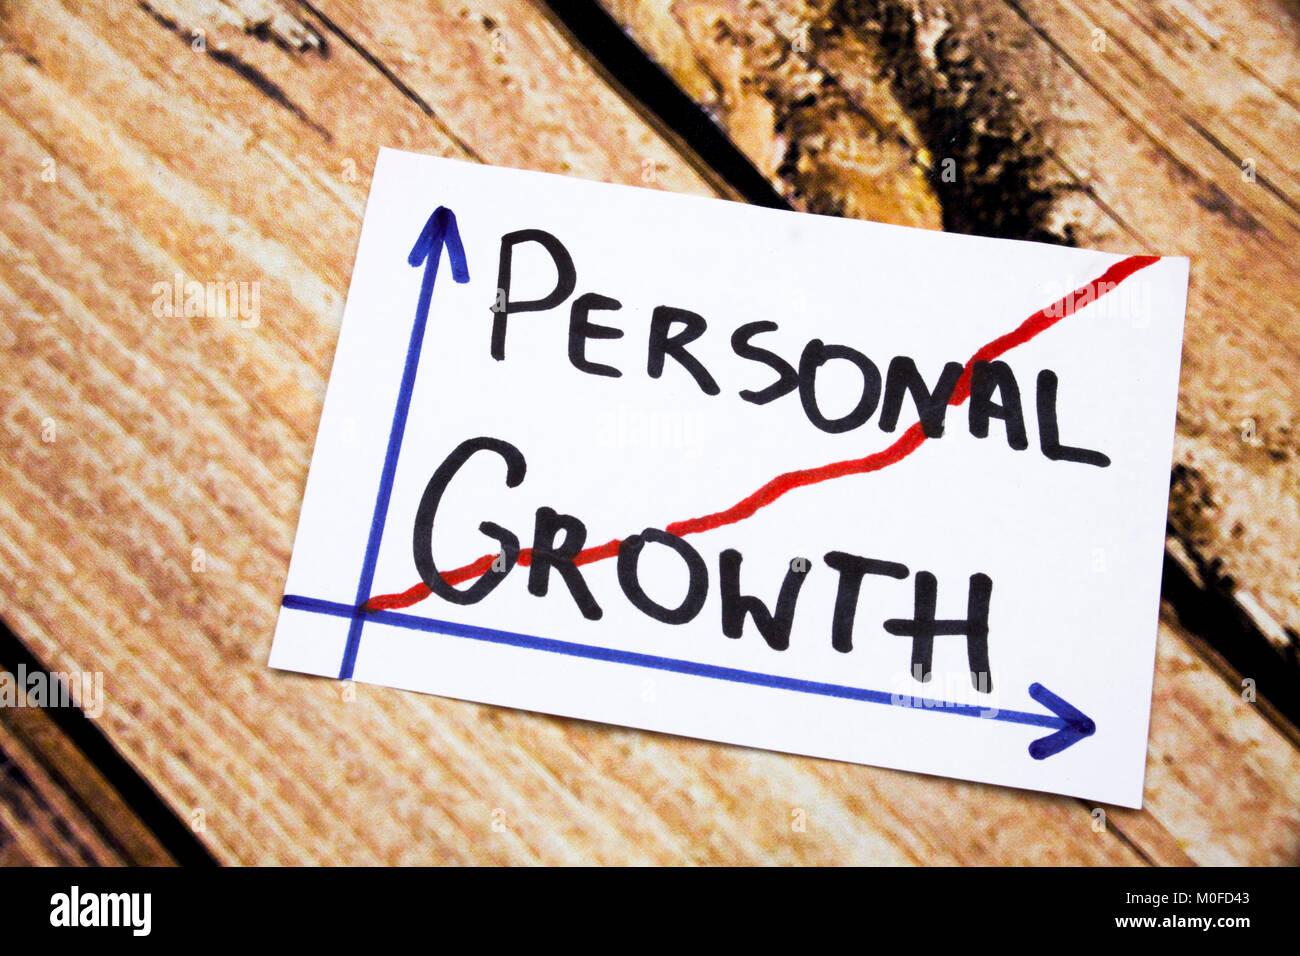 Crecimiento Personal - escritura en tinta negra sobre fondo de madera concepto significado desarrollo personal Imagen De Stock